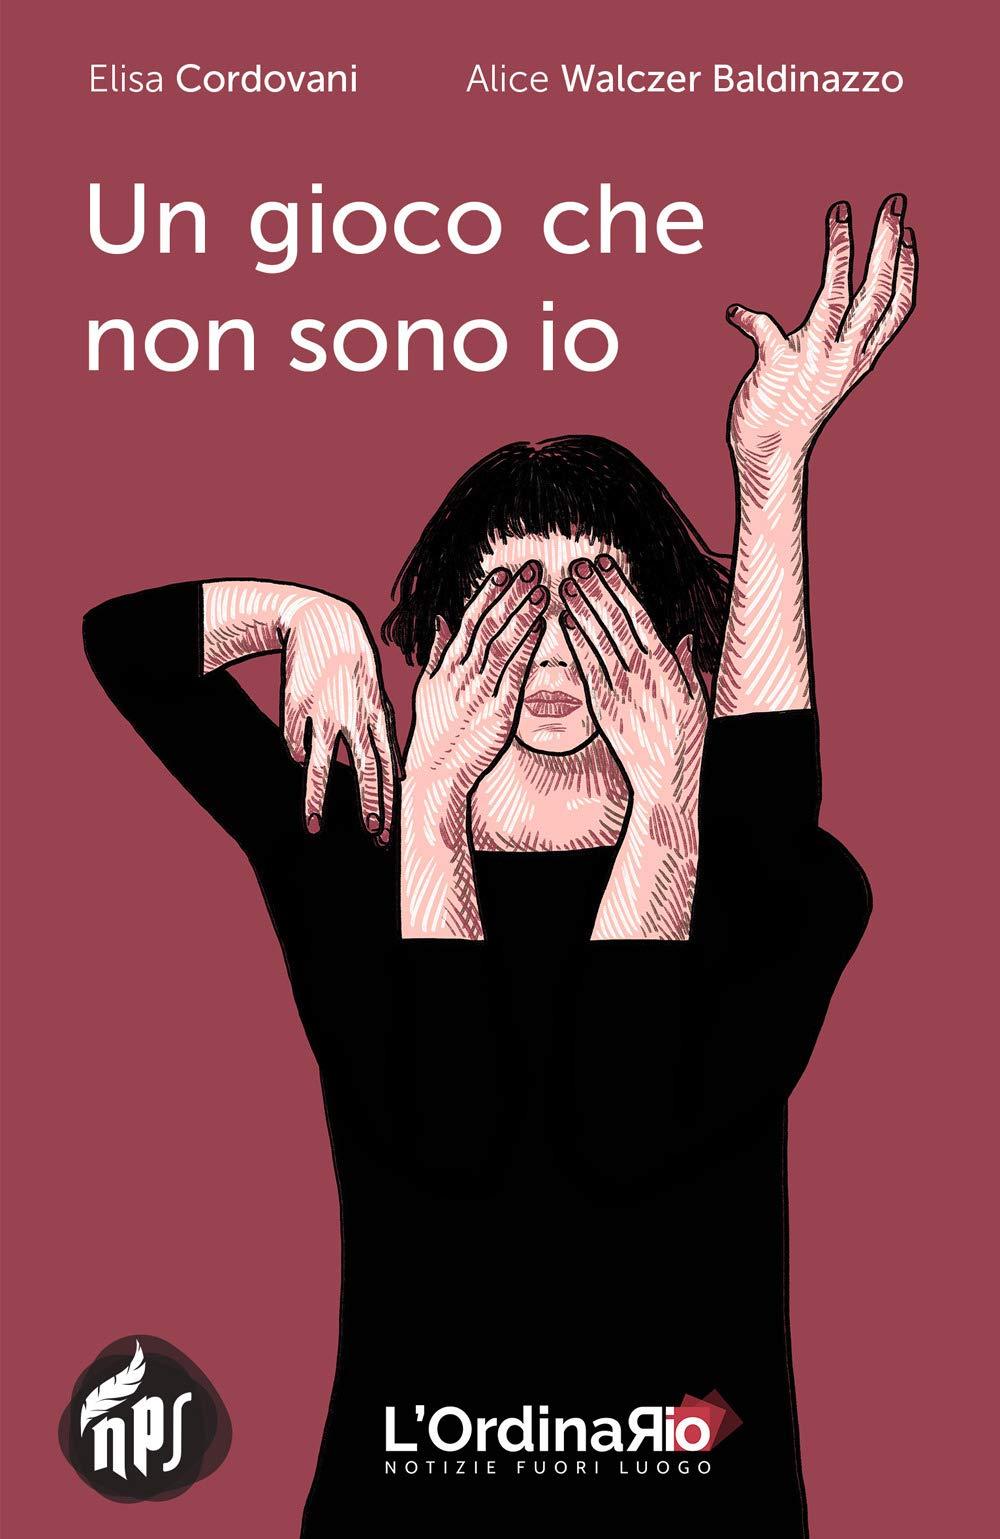 Amazon.it: Un gioco che non sono io - Cordovani, Elisa, Walczer Baldinazzo,  A. - Libri